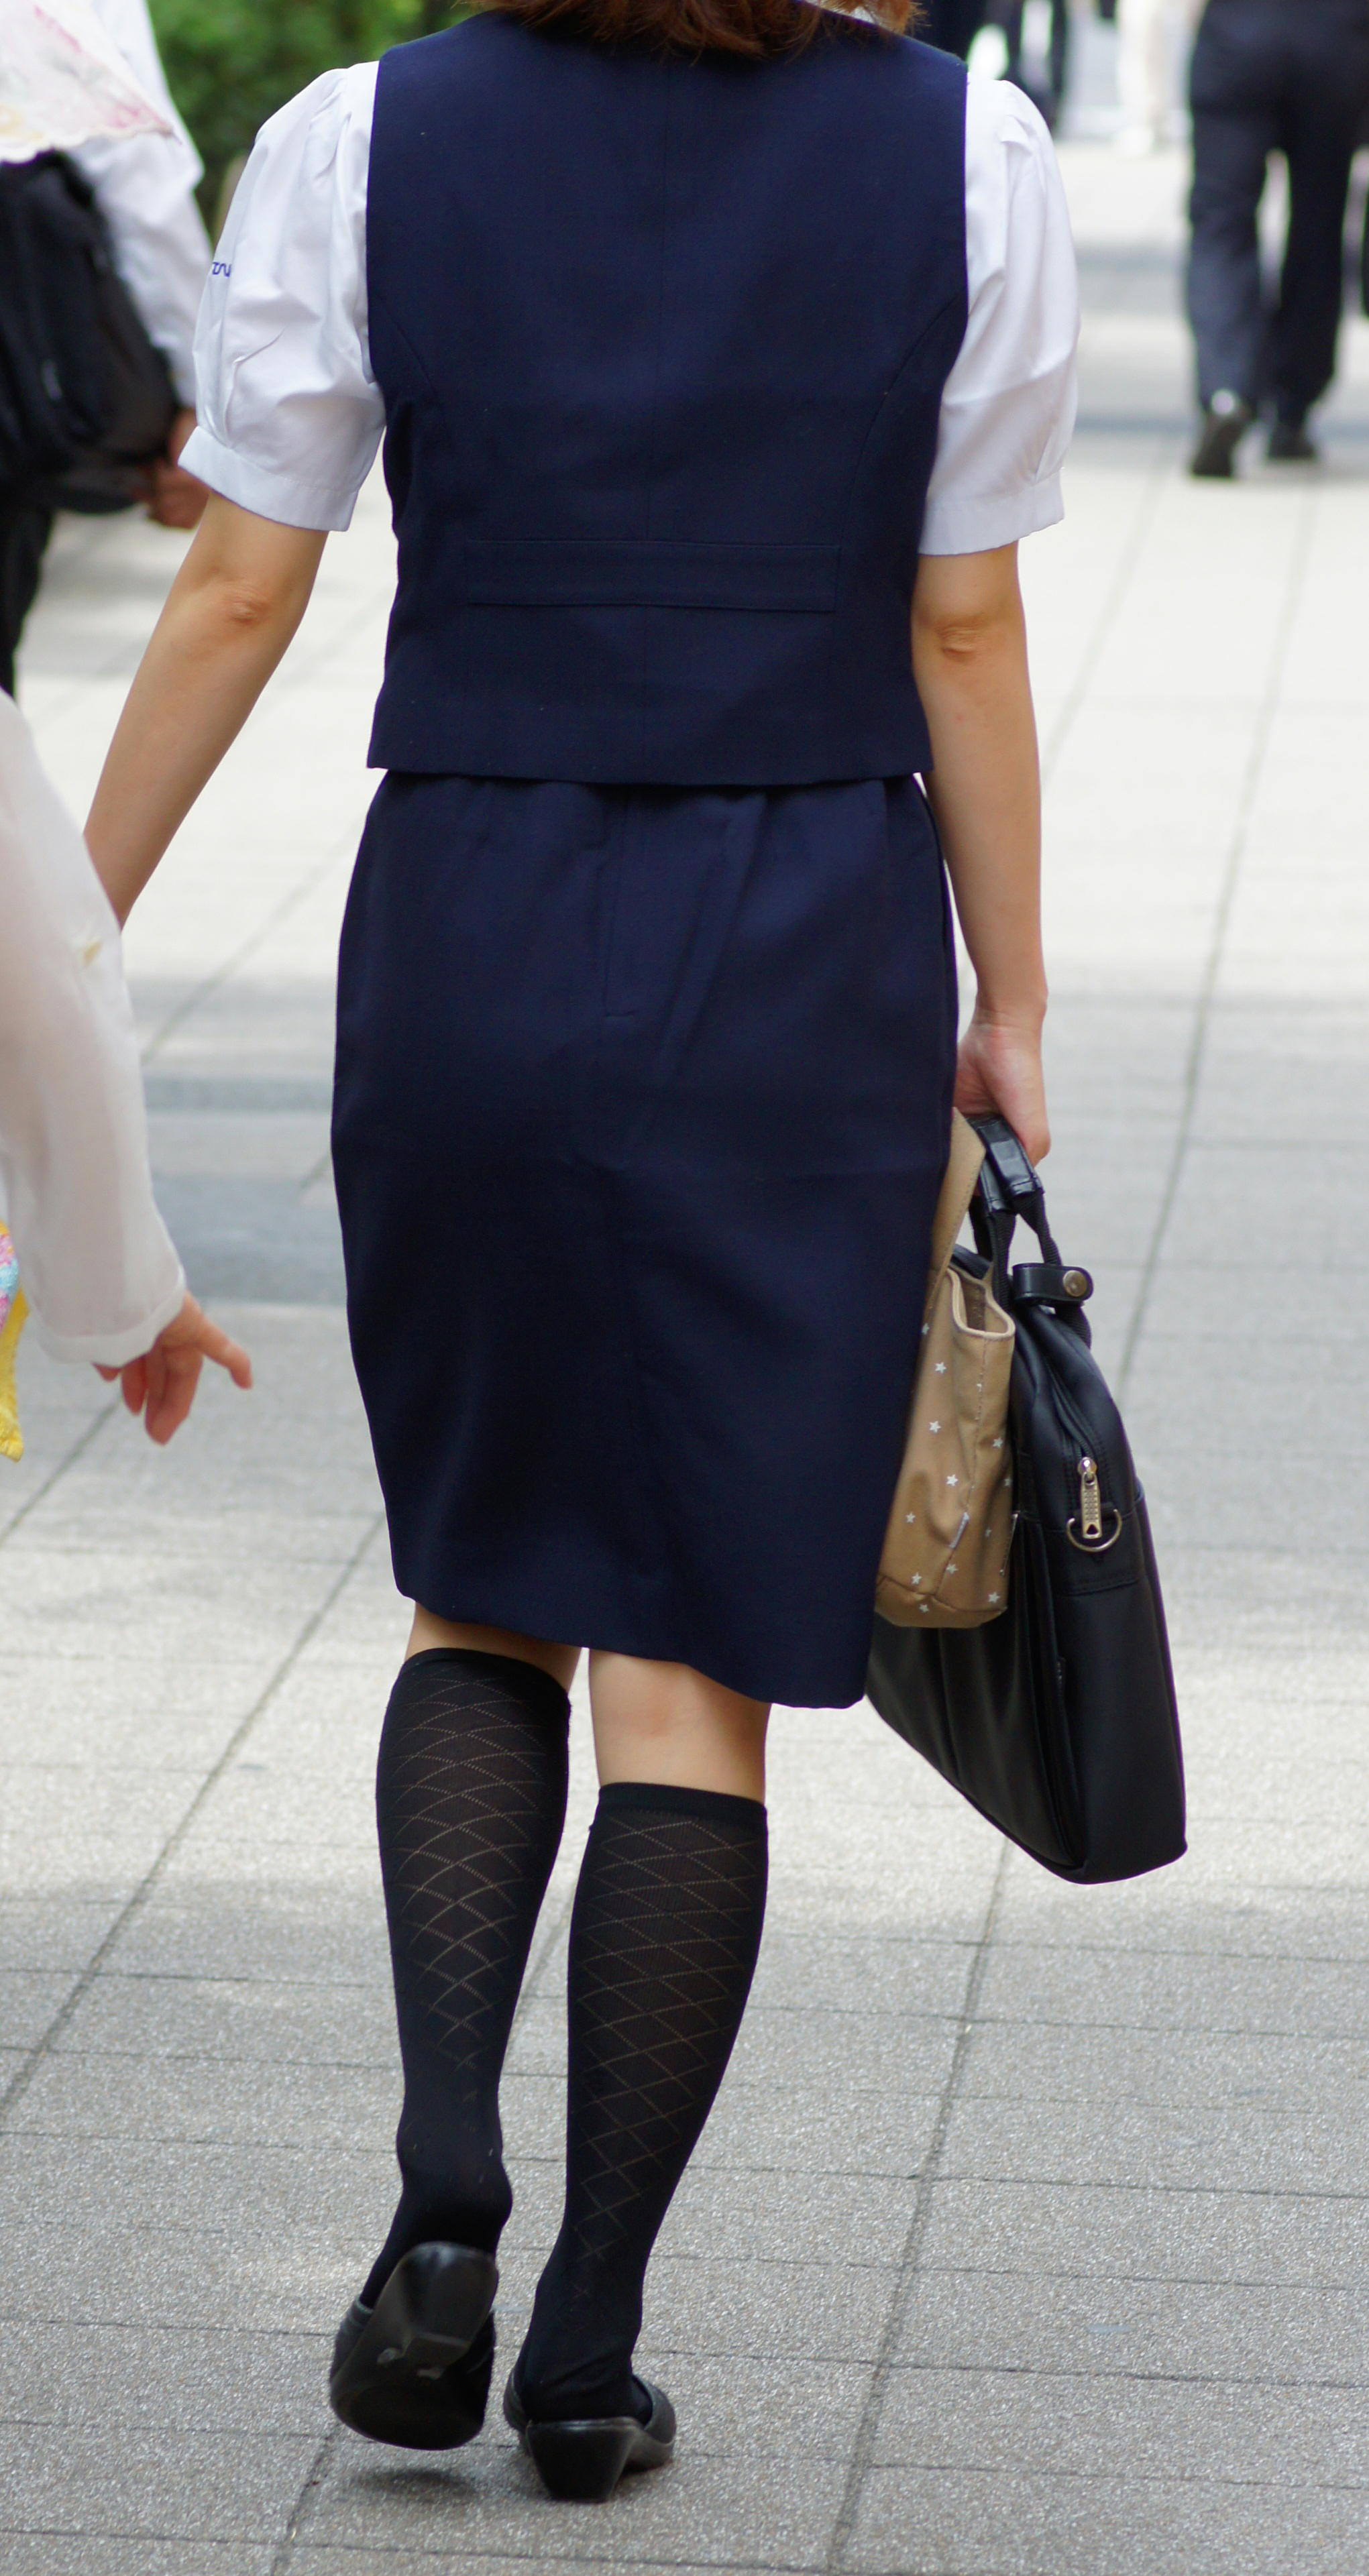 素人OL街撮り盗撮タイトスカートふくらはぎエロ画像3枚目